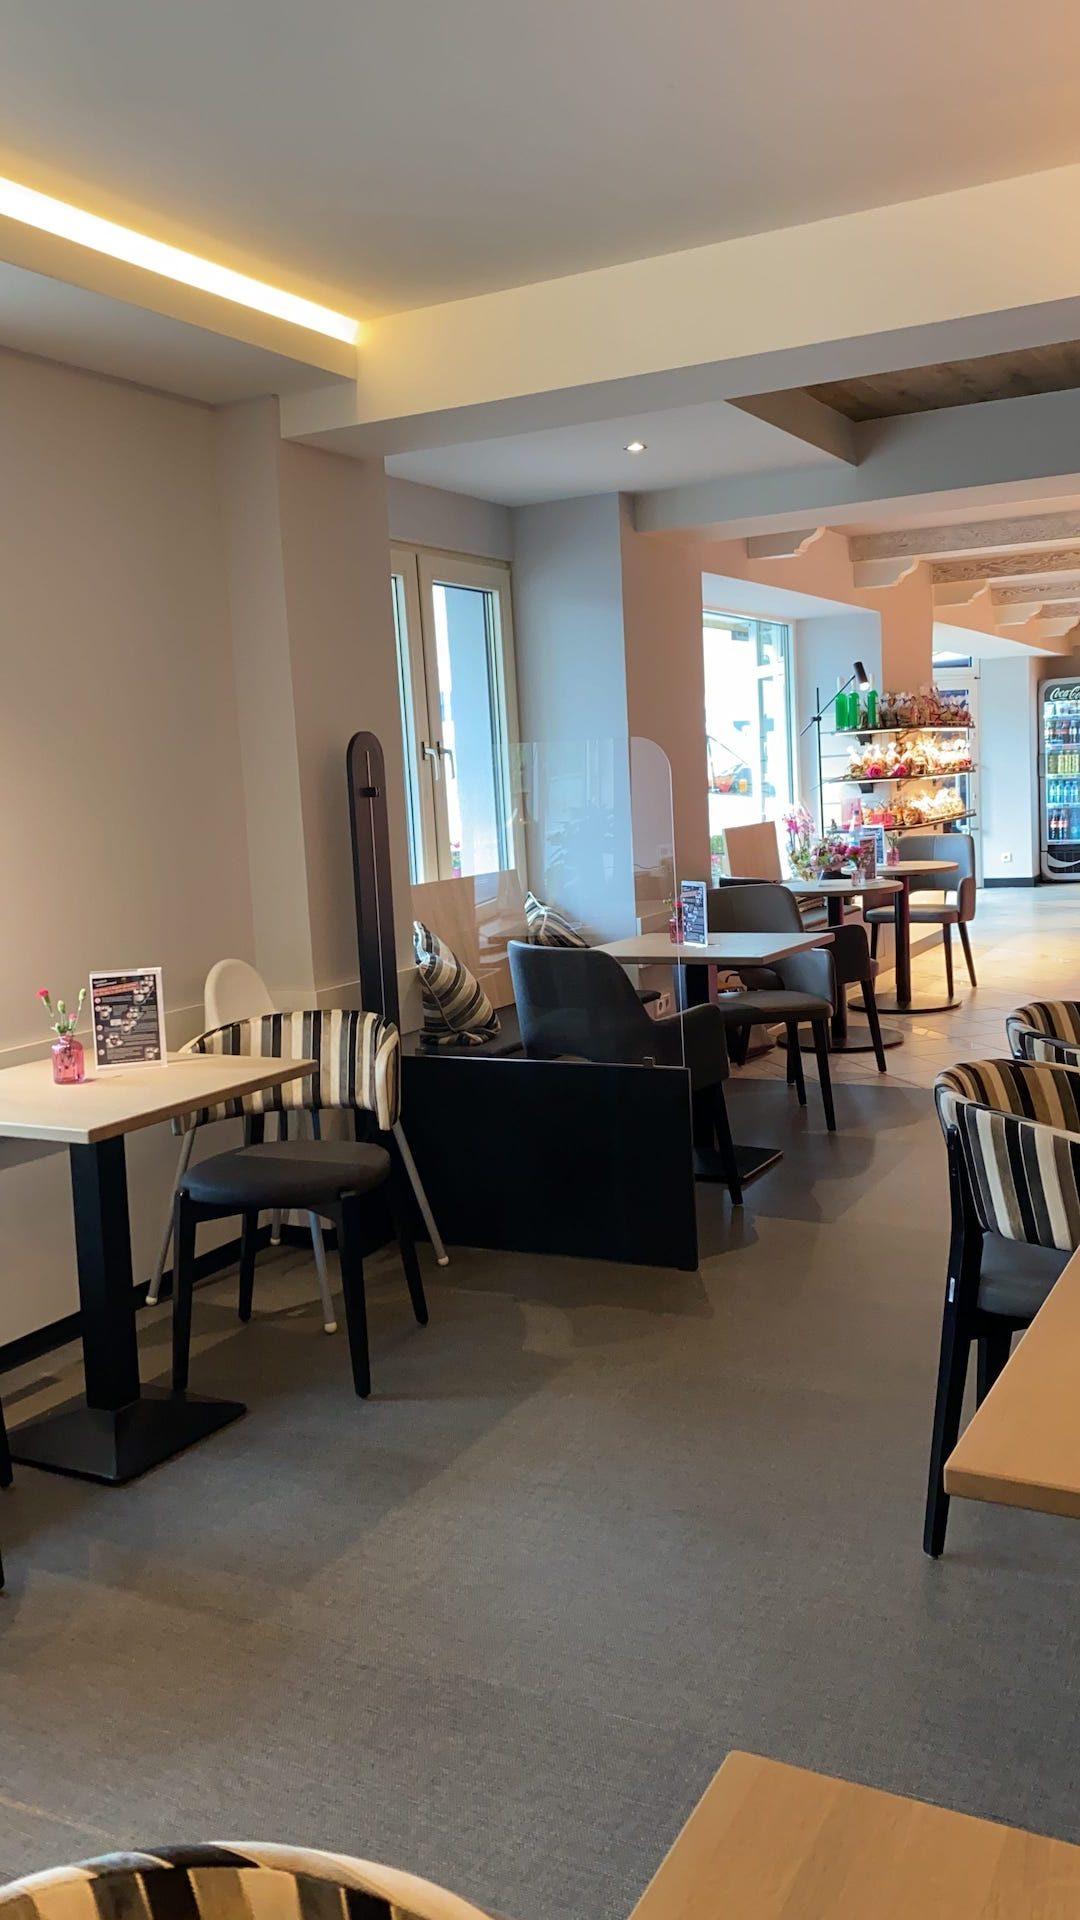 klapp1910 umbau 00026 - KLAPP1910 Stammhaus im neuen Design wiedereröffnet